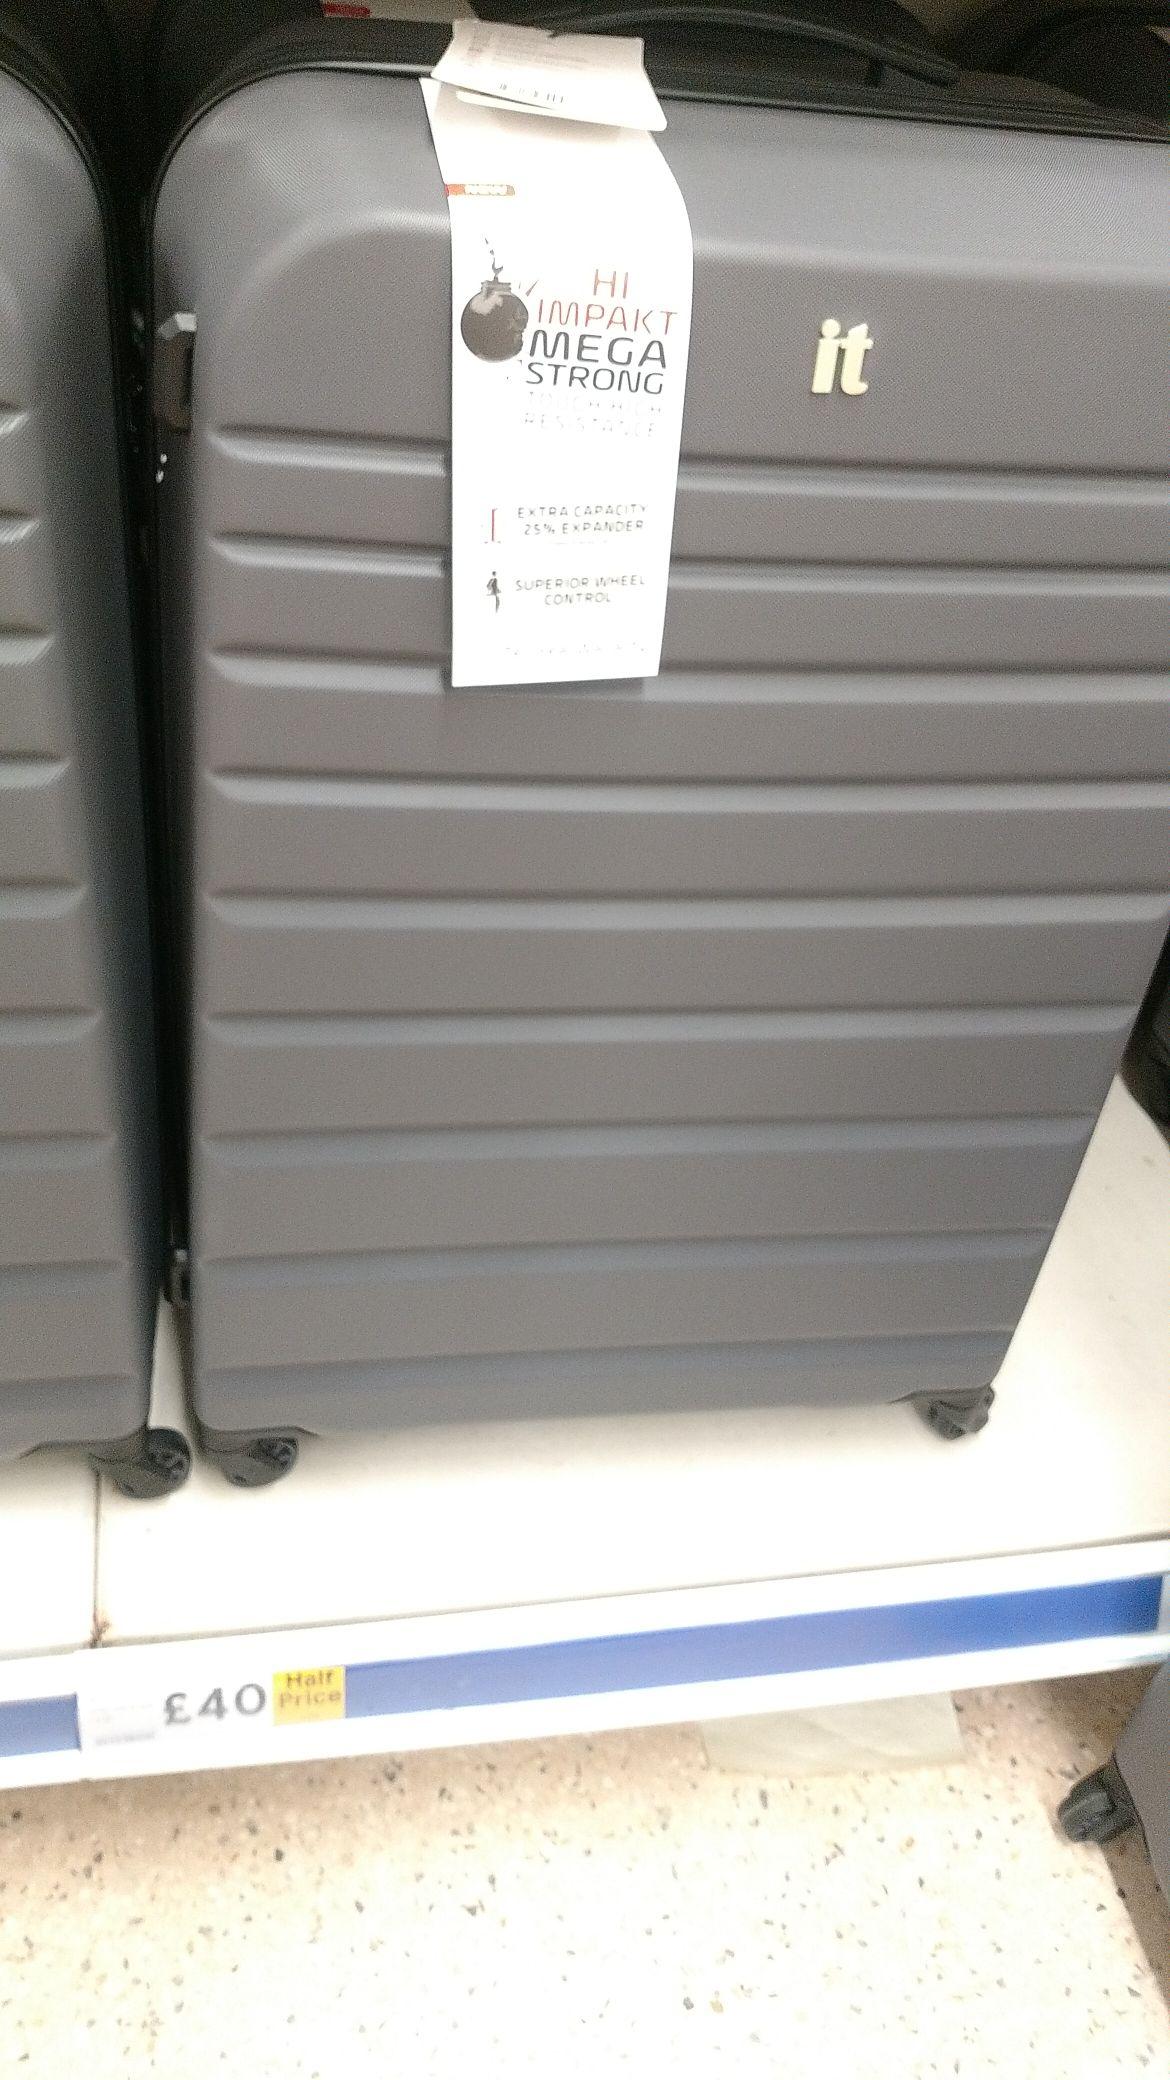 IT Luggage hard case £40 instore @ Tesco